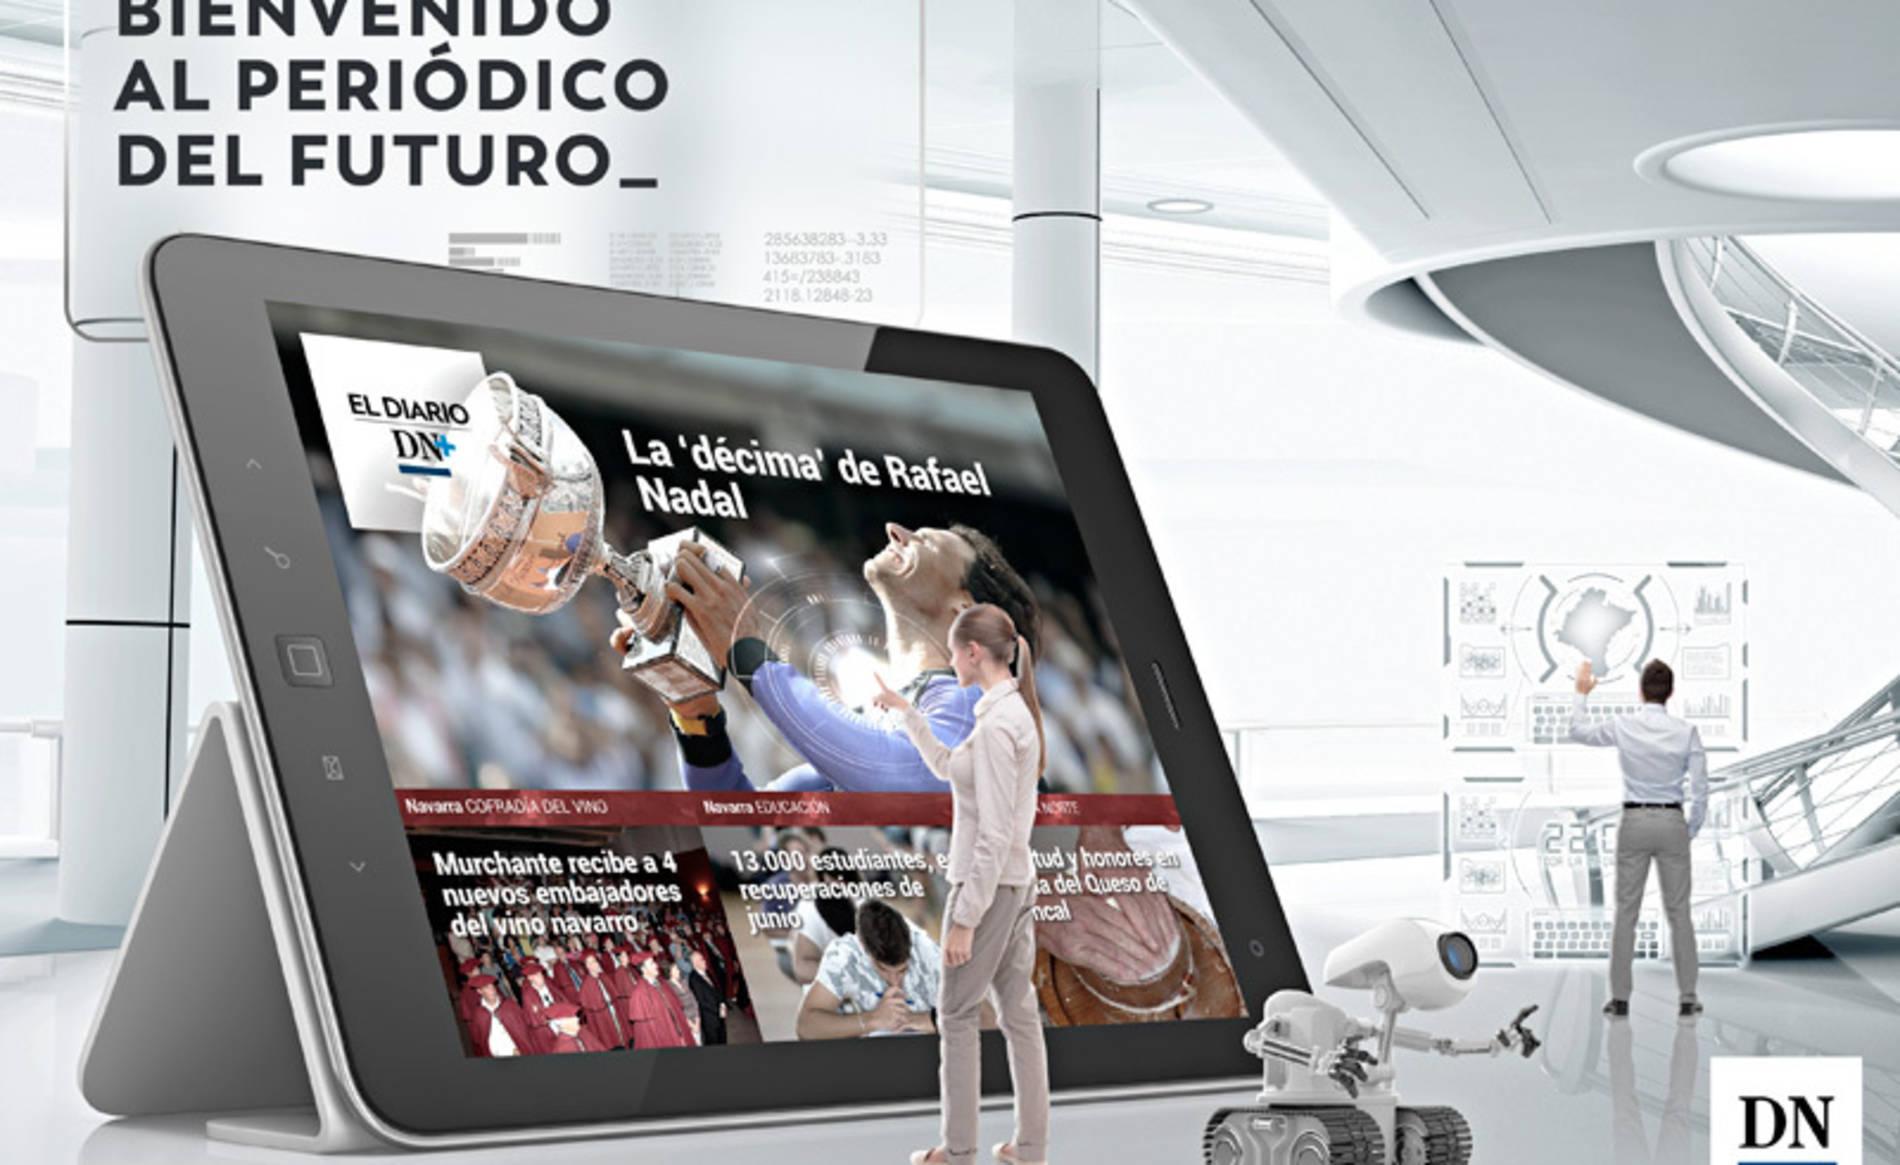 El primer encierro, en El Diario DN+ (1/9) - Además, la ruptura de Osasuna con el Athletic Club de Bilbao. - Destacados -